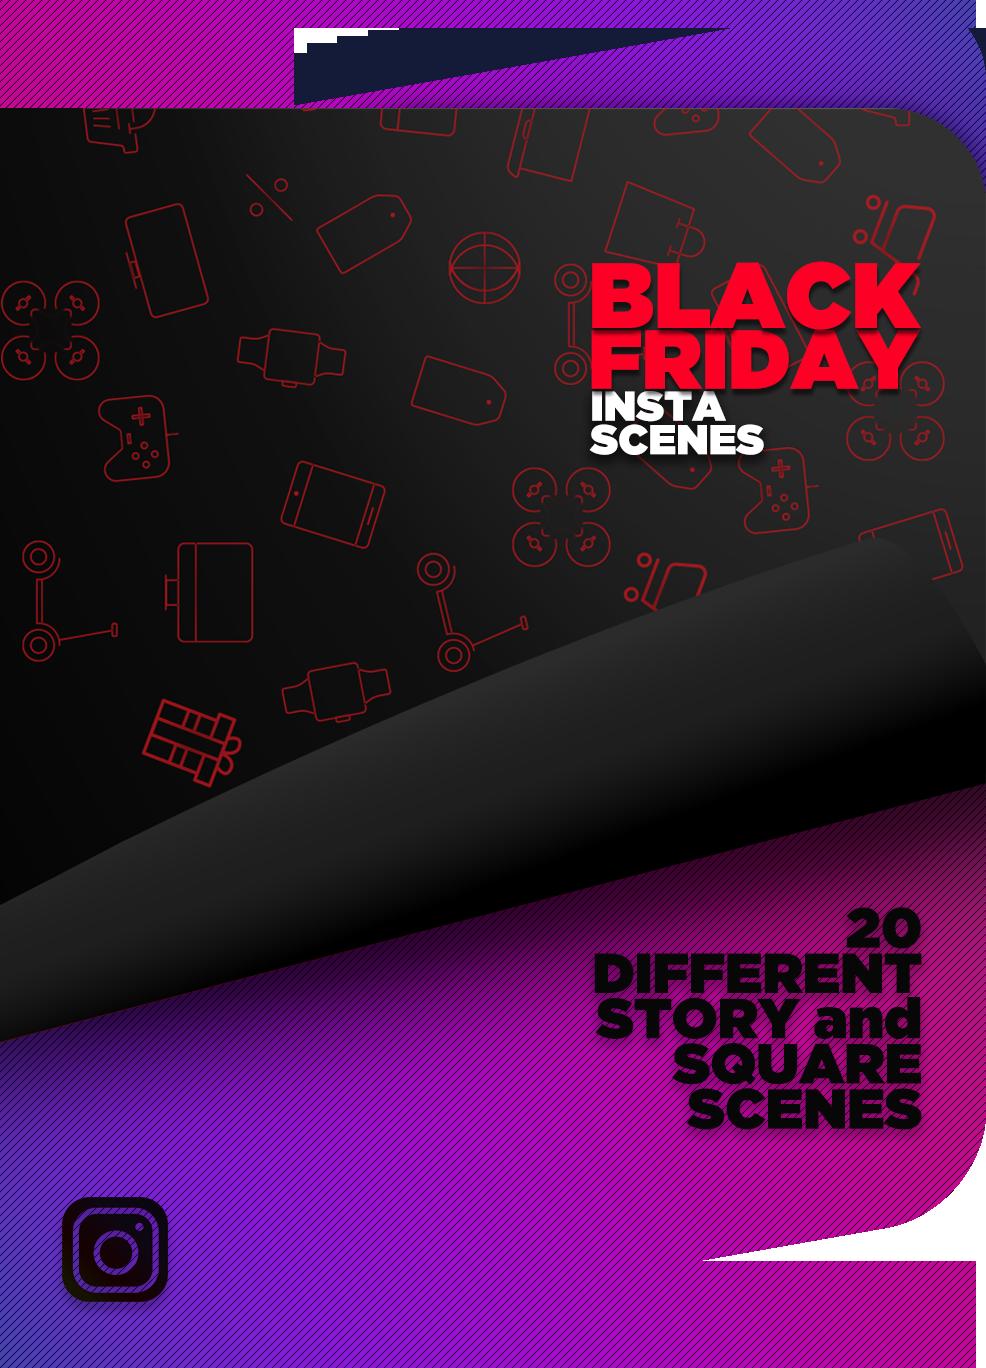 黑色星期五Instagram场景产品促销视频ae模板designshidai_video0064